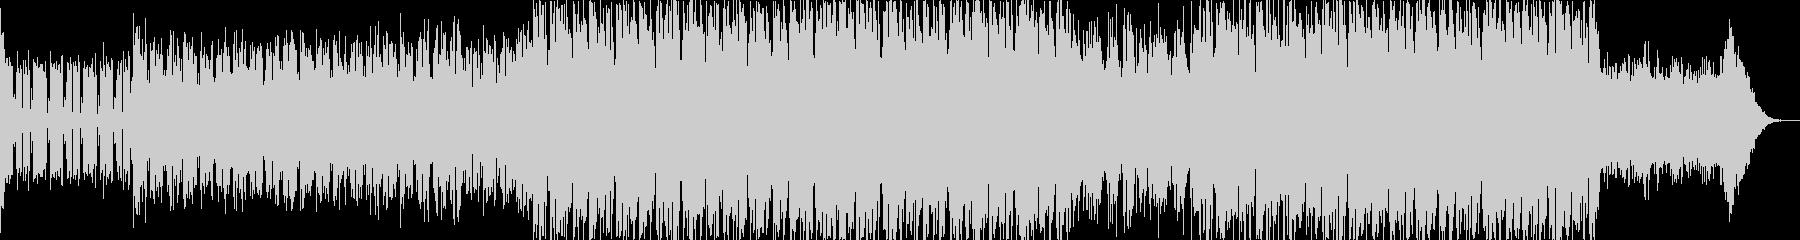 映画音楽、シネマティック映像向け-01の未再生の波形